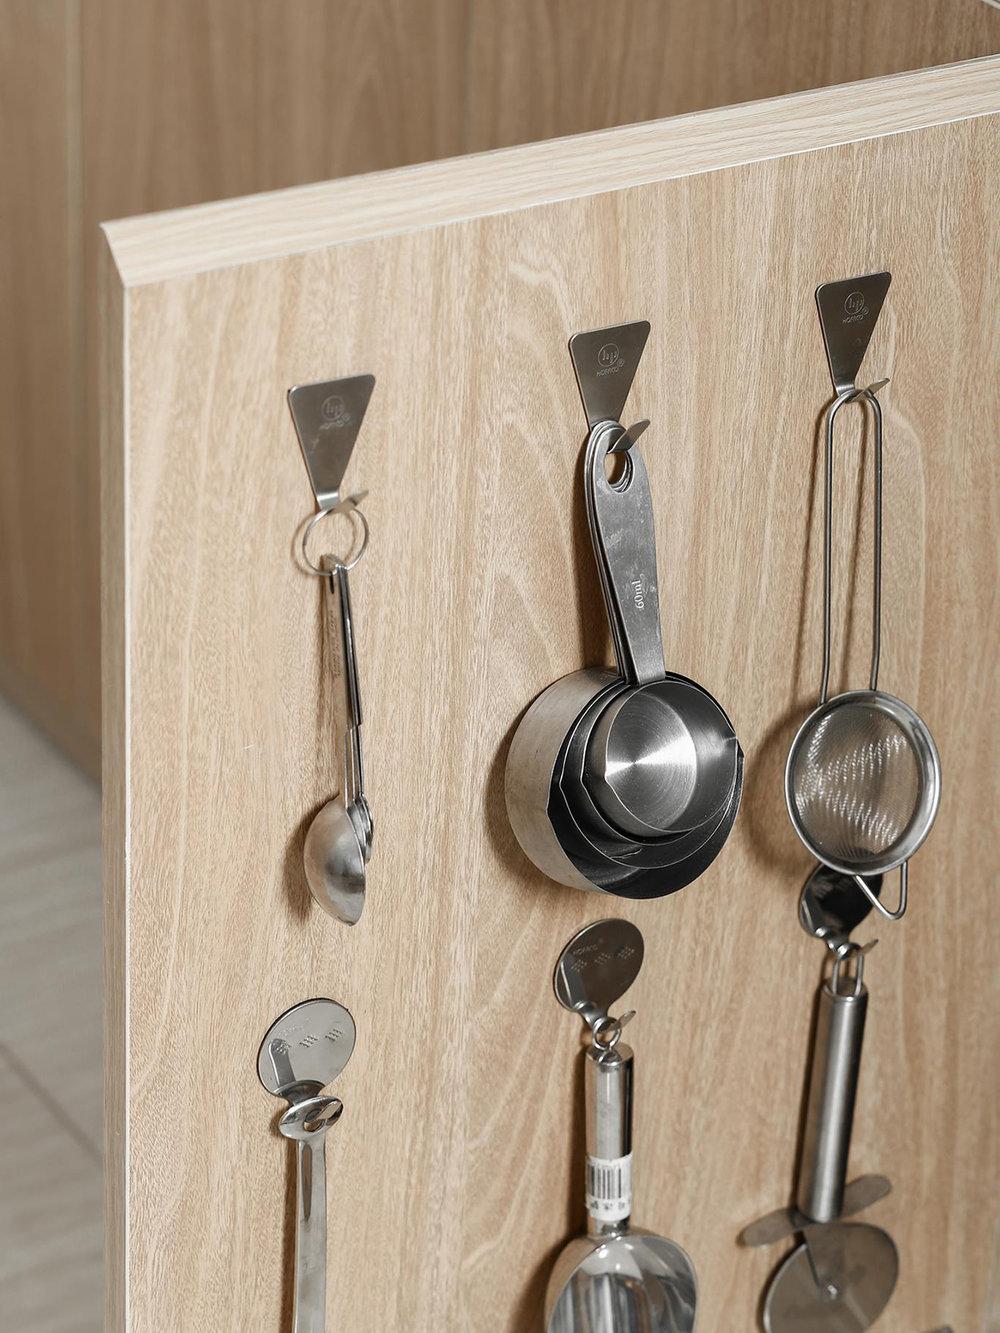 Cánh tủ là nơi cất giấu lý tưởng những dụng cụ như thế này. Nó làm bếp của bạn gọn một cách đáng kể.